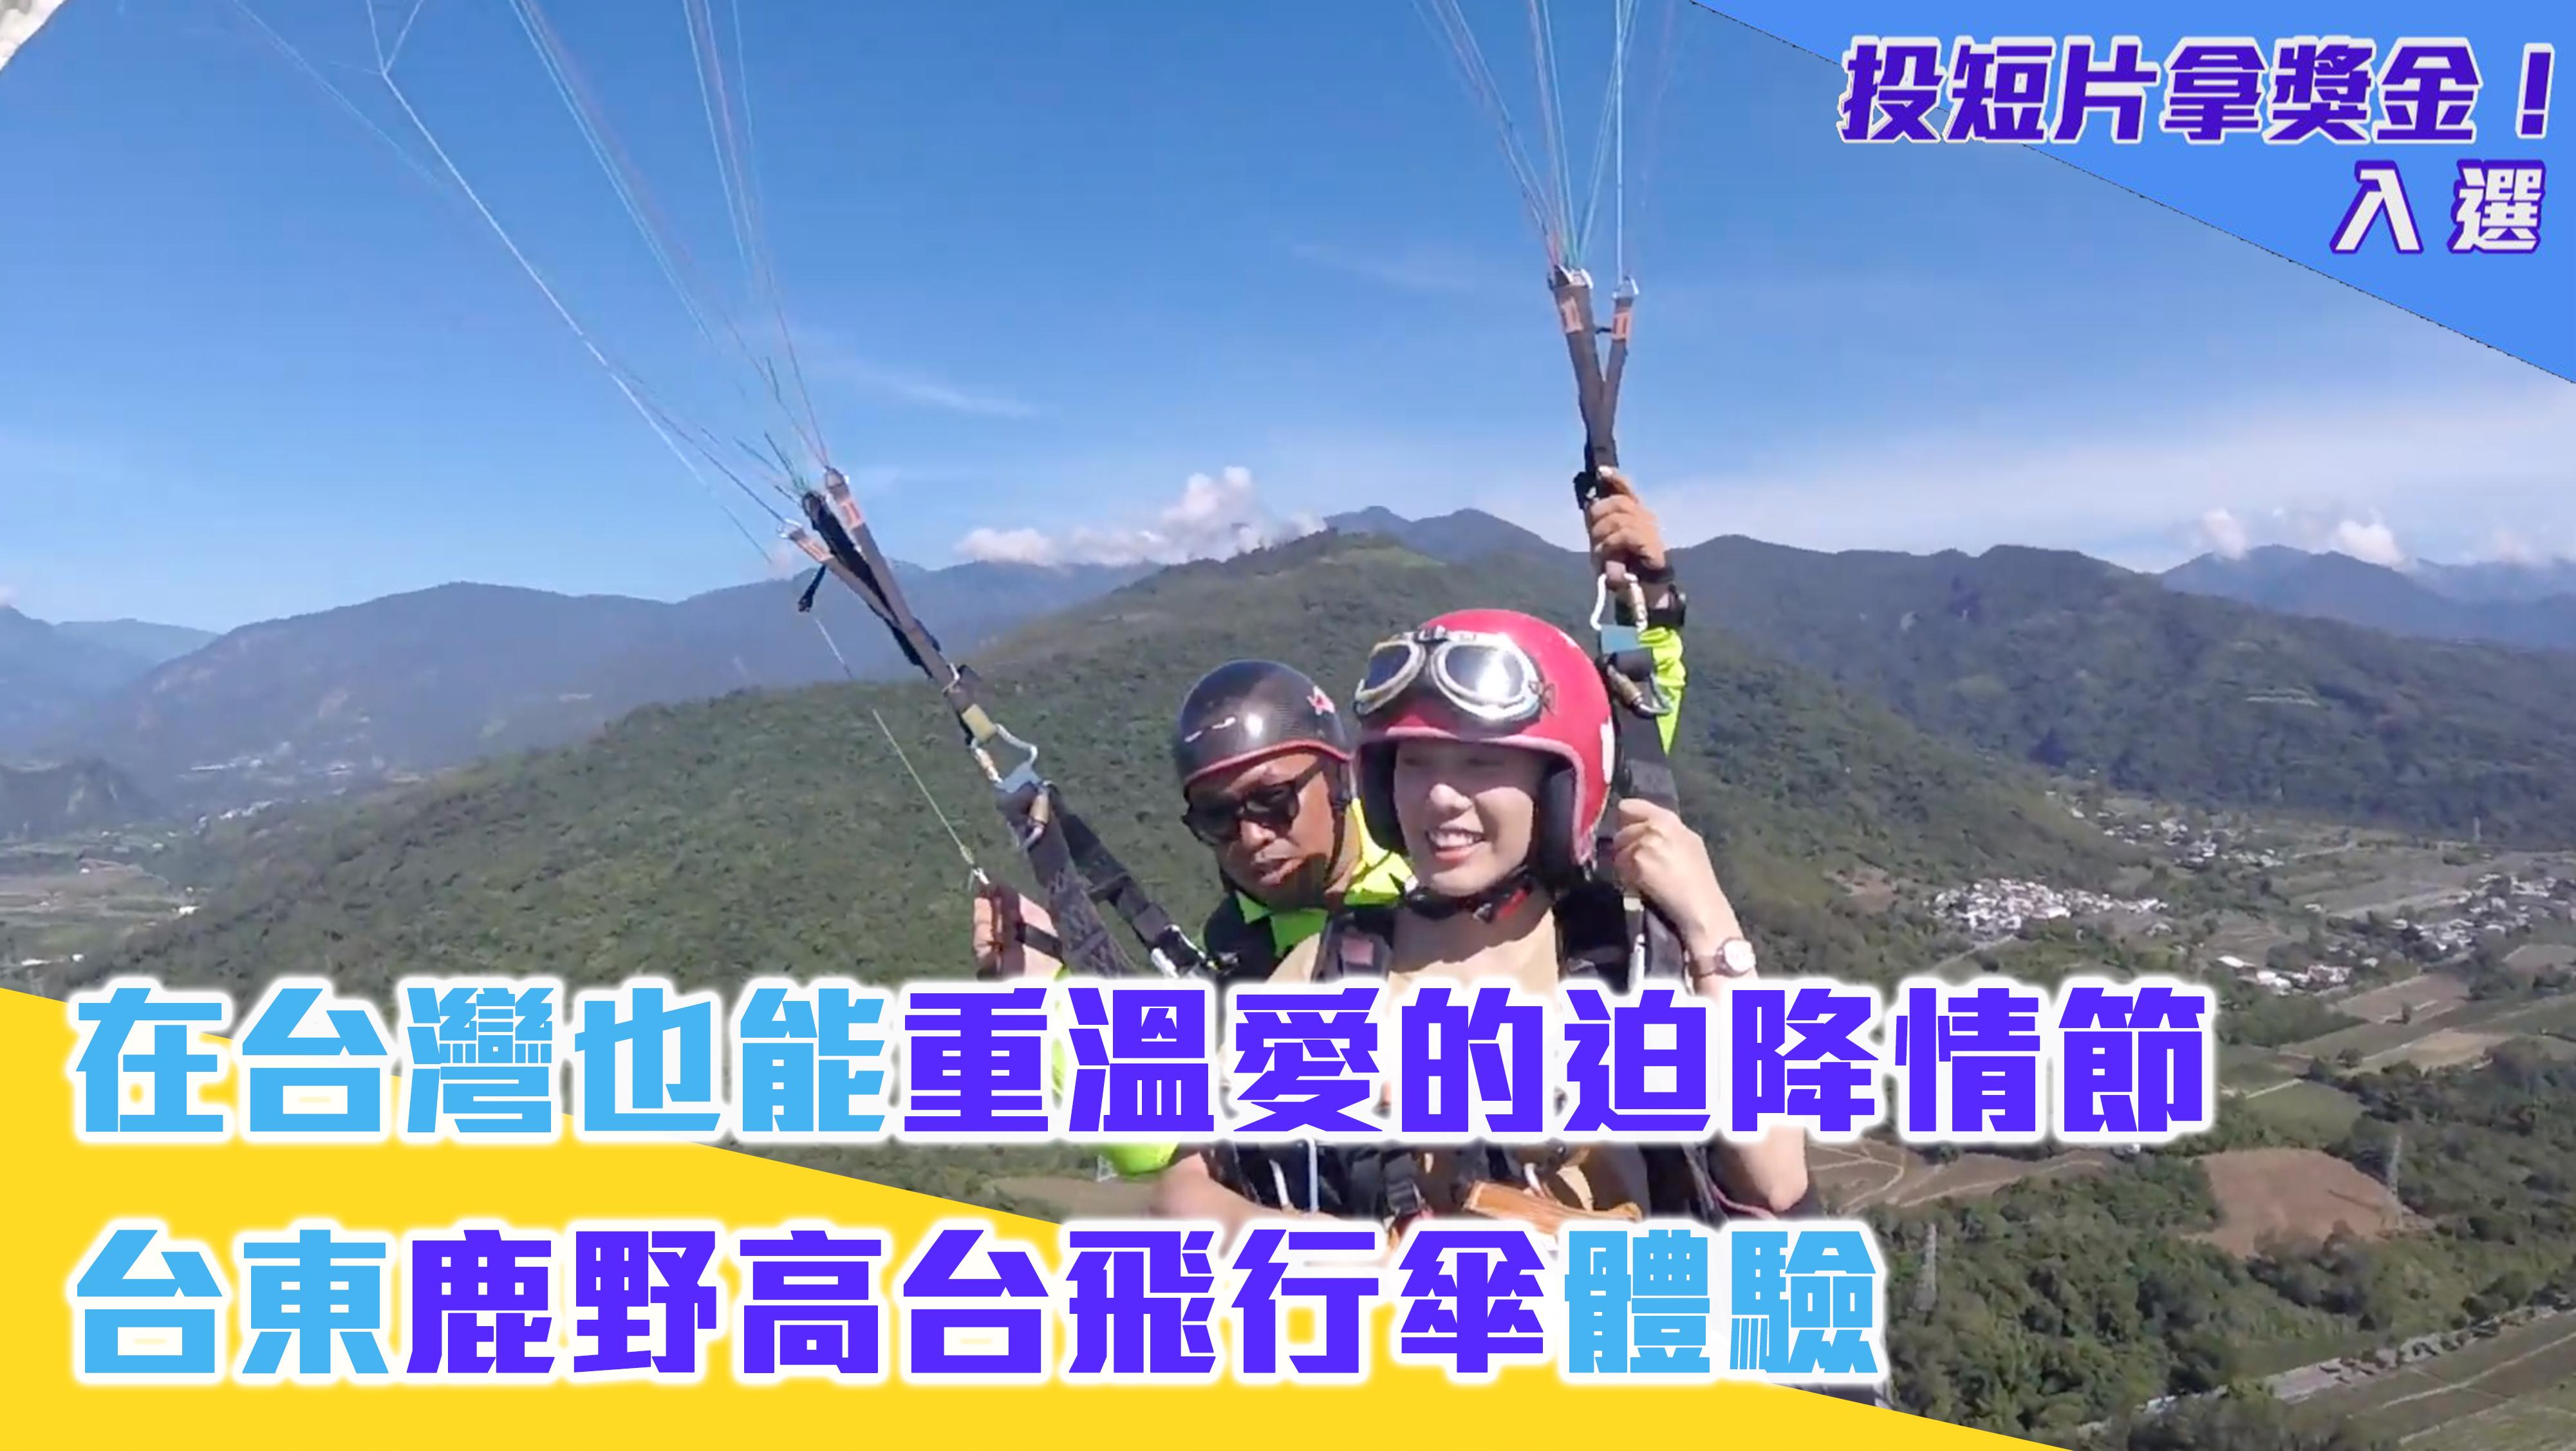 在台灣也能重溫愛的迫降情節 台東鹿野高台飛行傘體驗